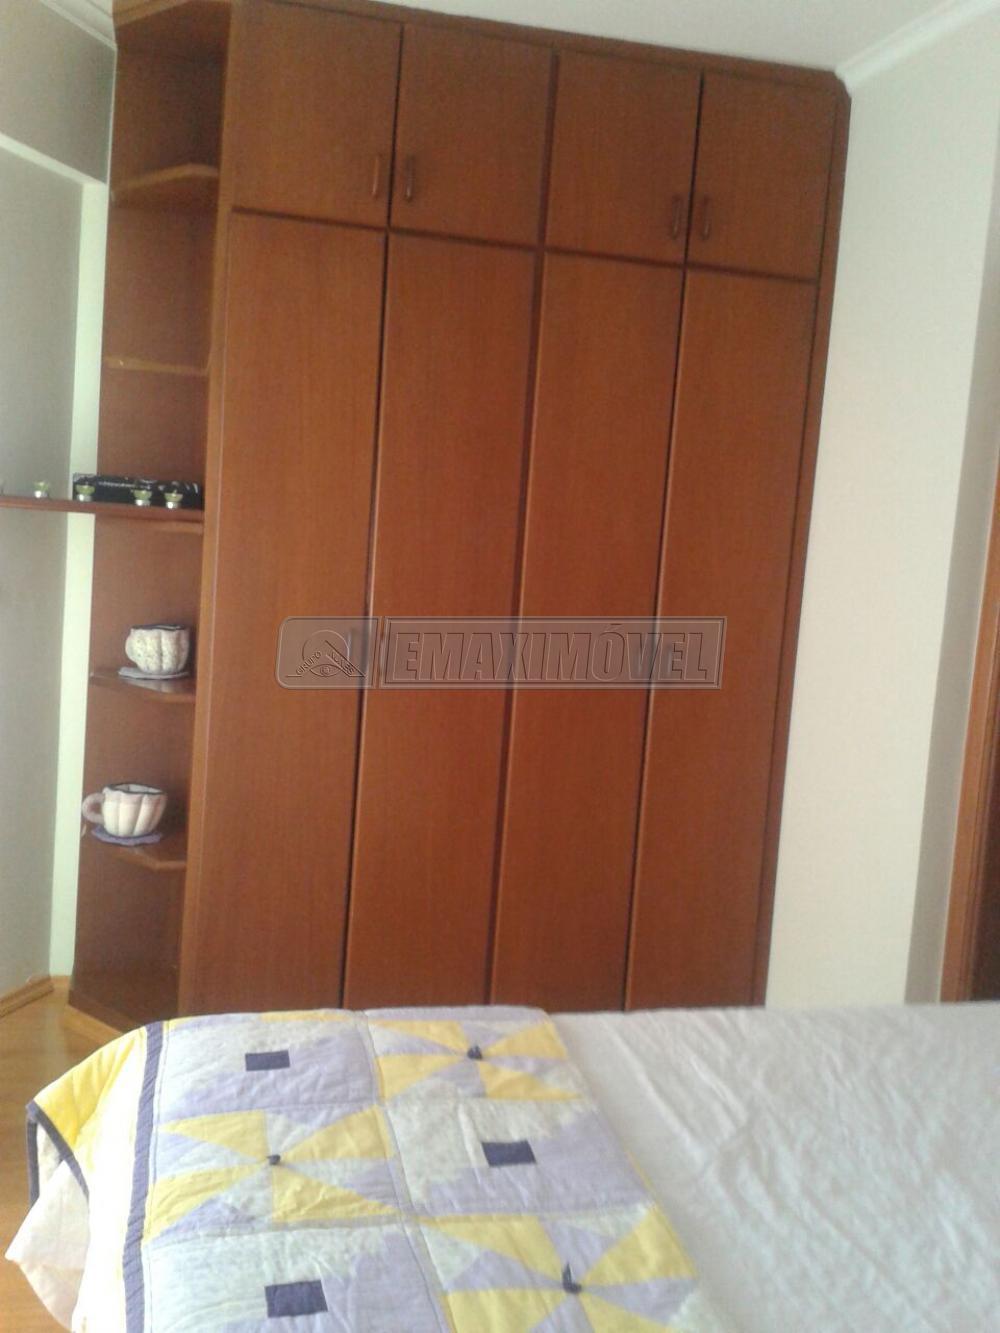 Comprar Apartamentos / Apto Padrão em Sorocaba apenas R$ 650.000,00 - Foto 18